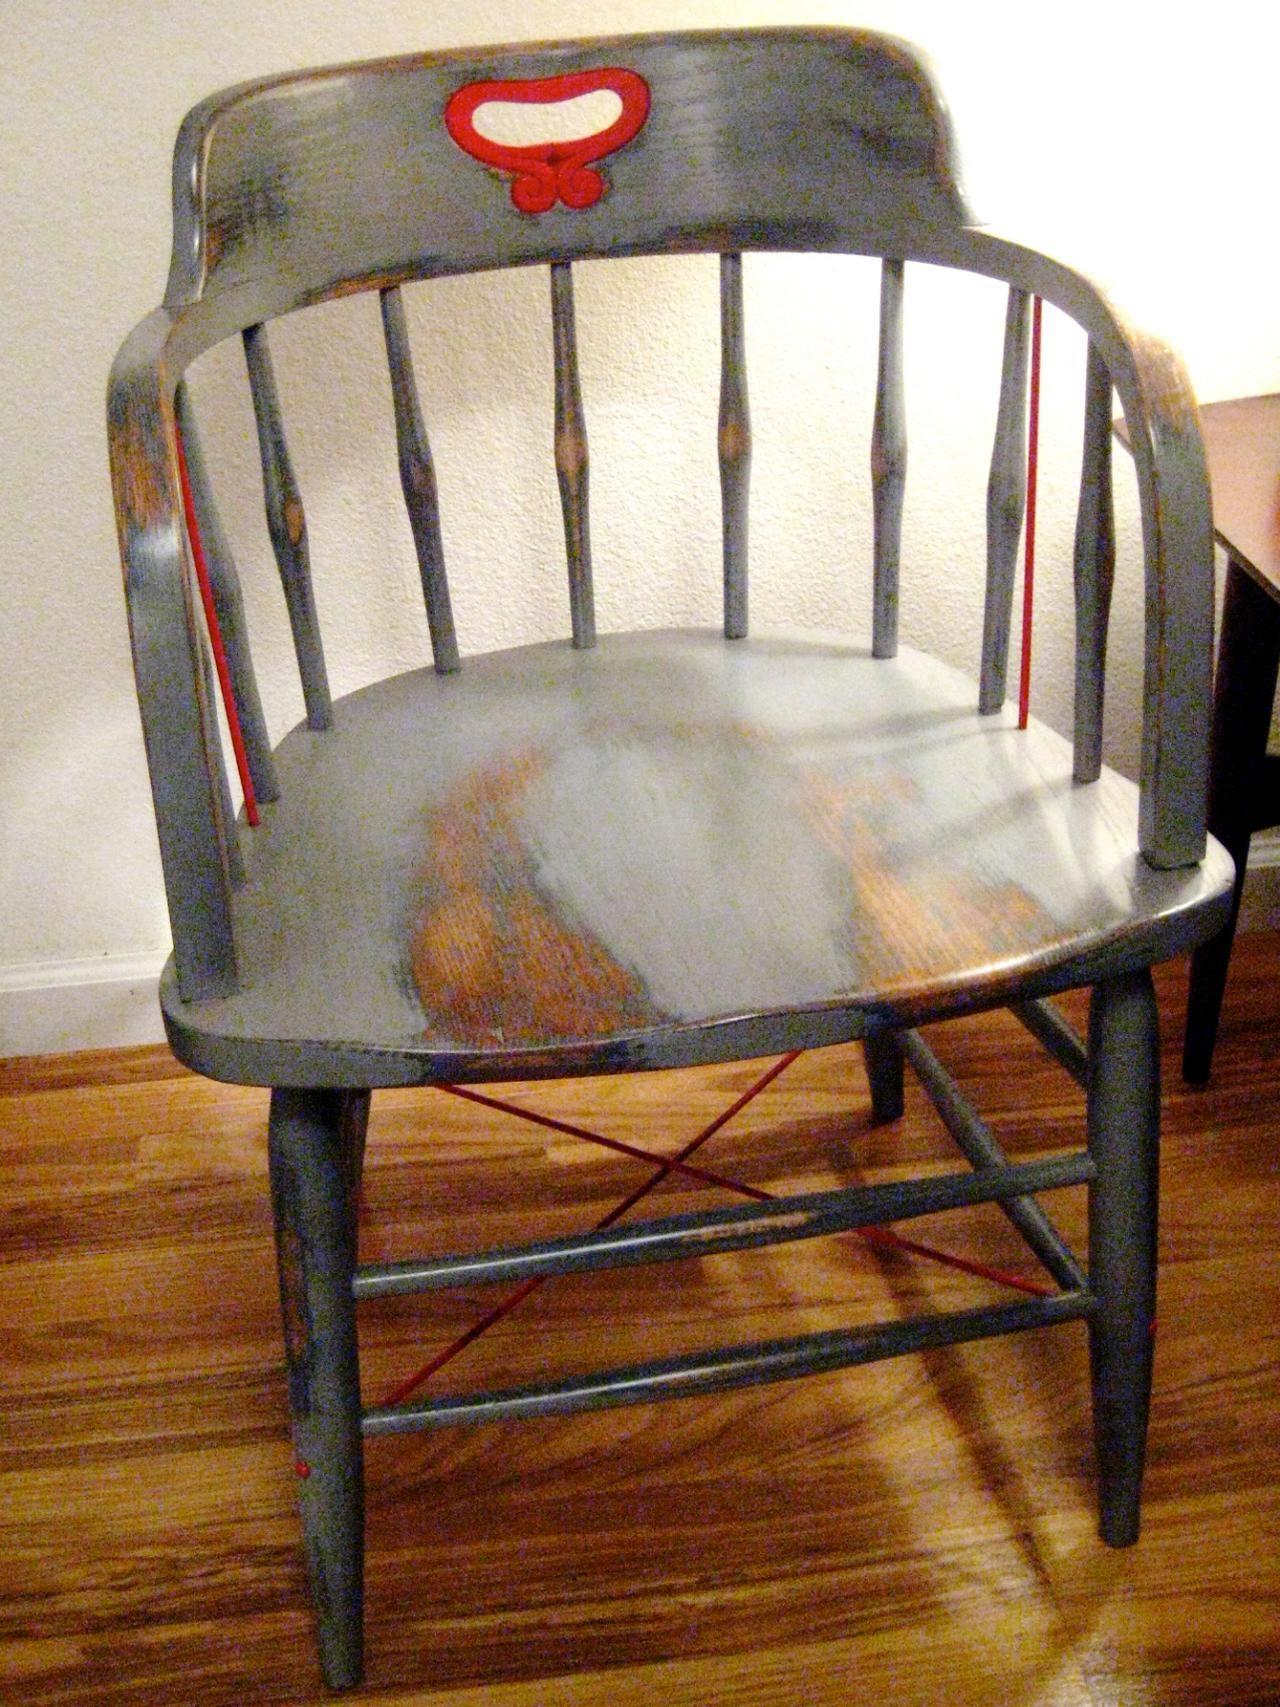 Comment Decaper Des Chaises En Bois comment peindre une chaise avec un look ancien patiné